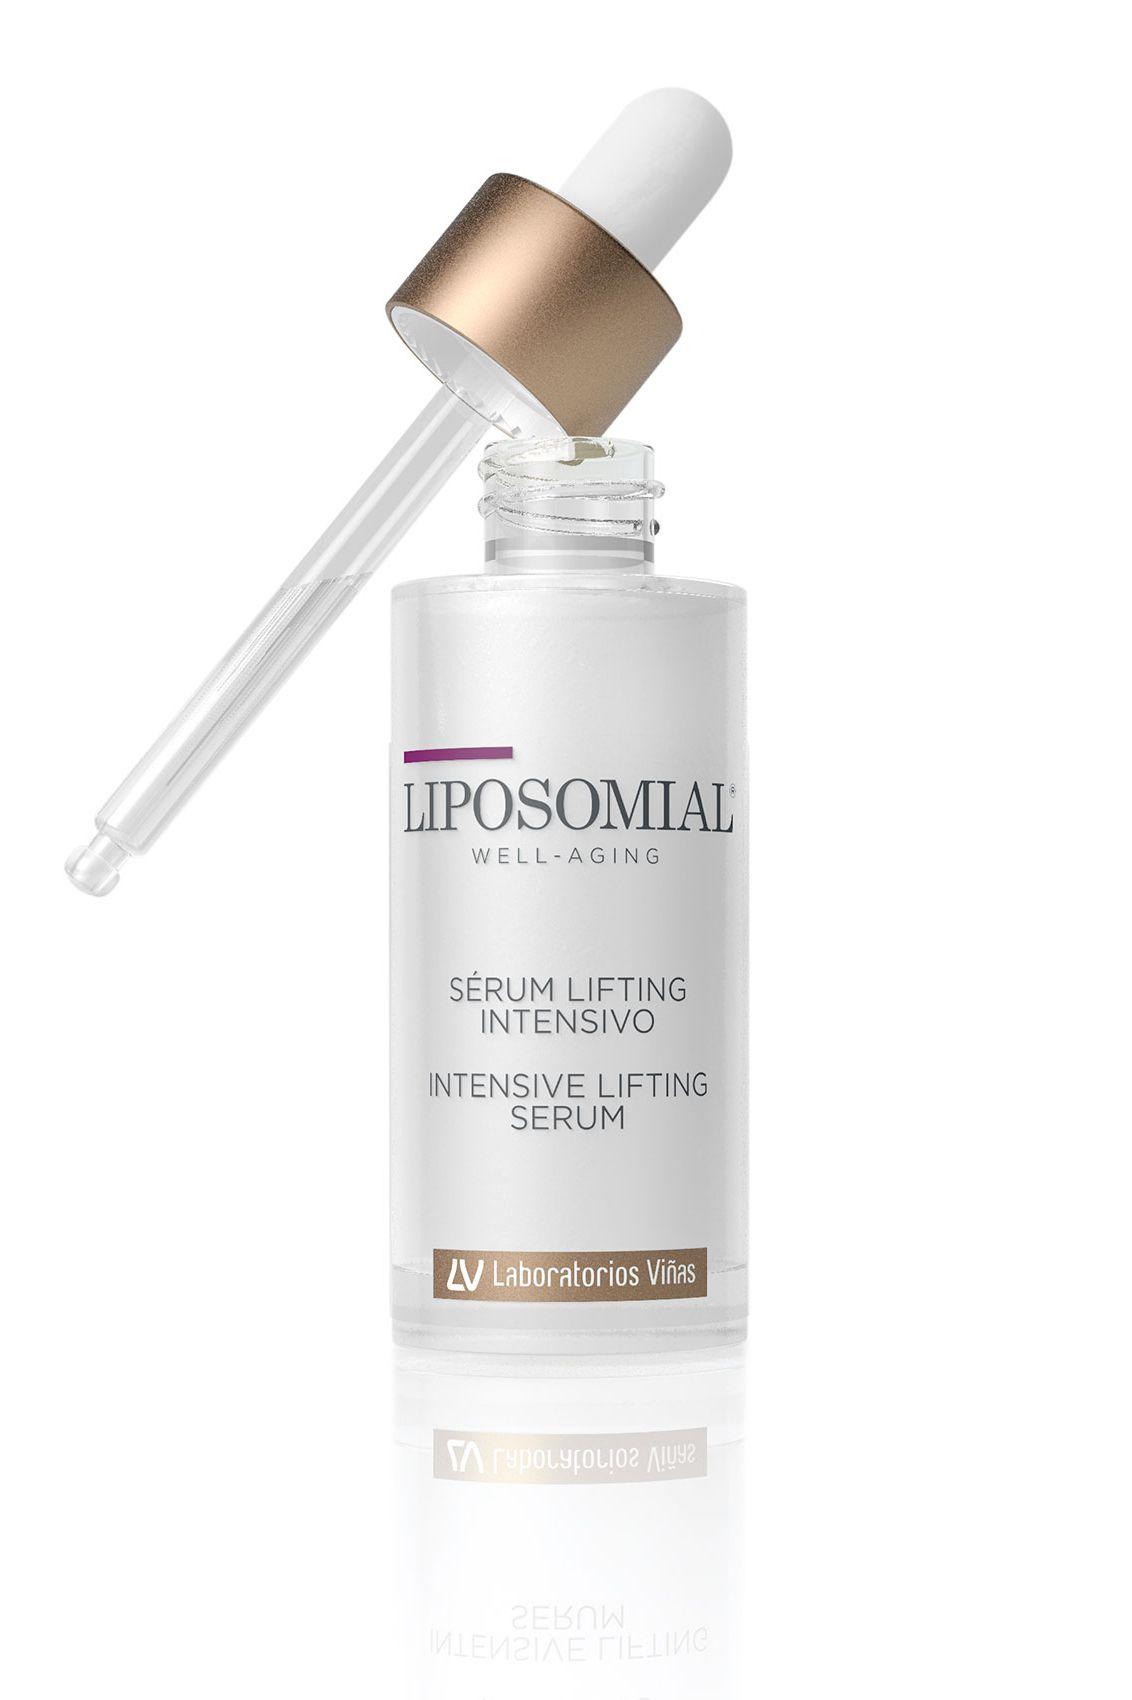 Liposomial® Well-Aging, una gama cosmética que ayuda a envejecer bien